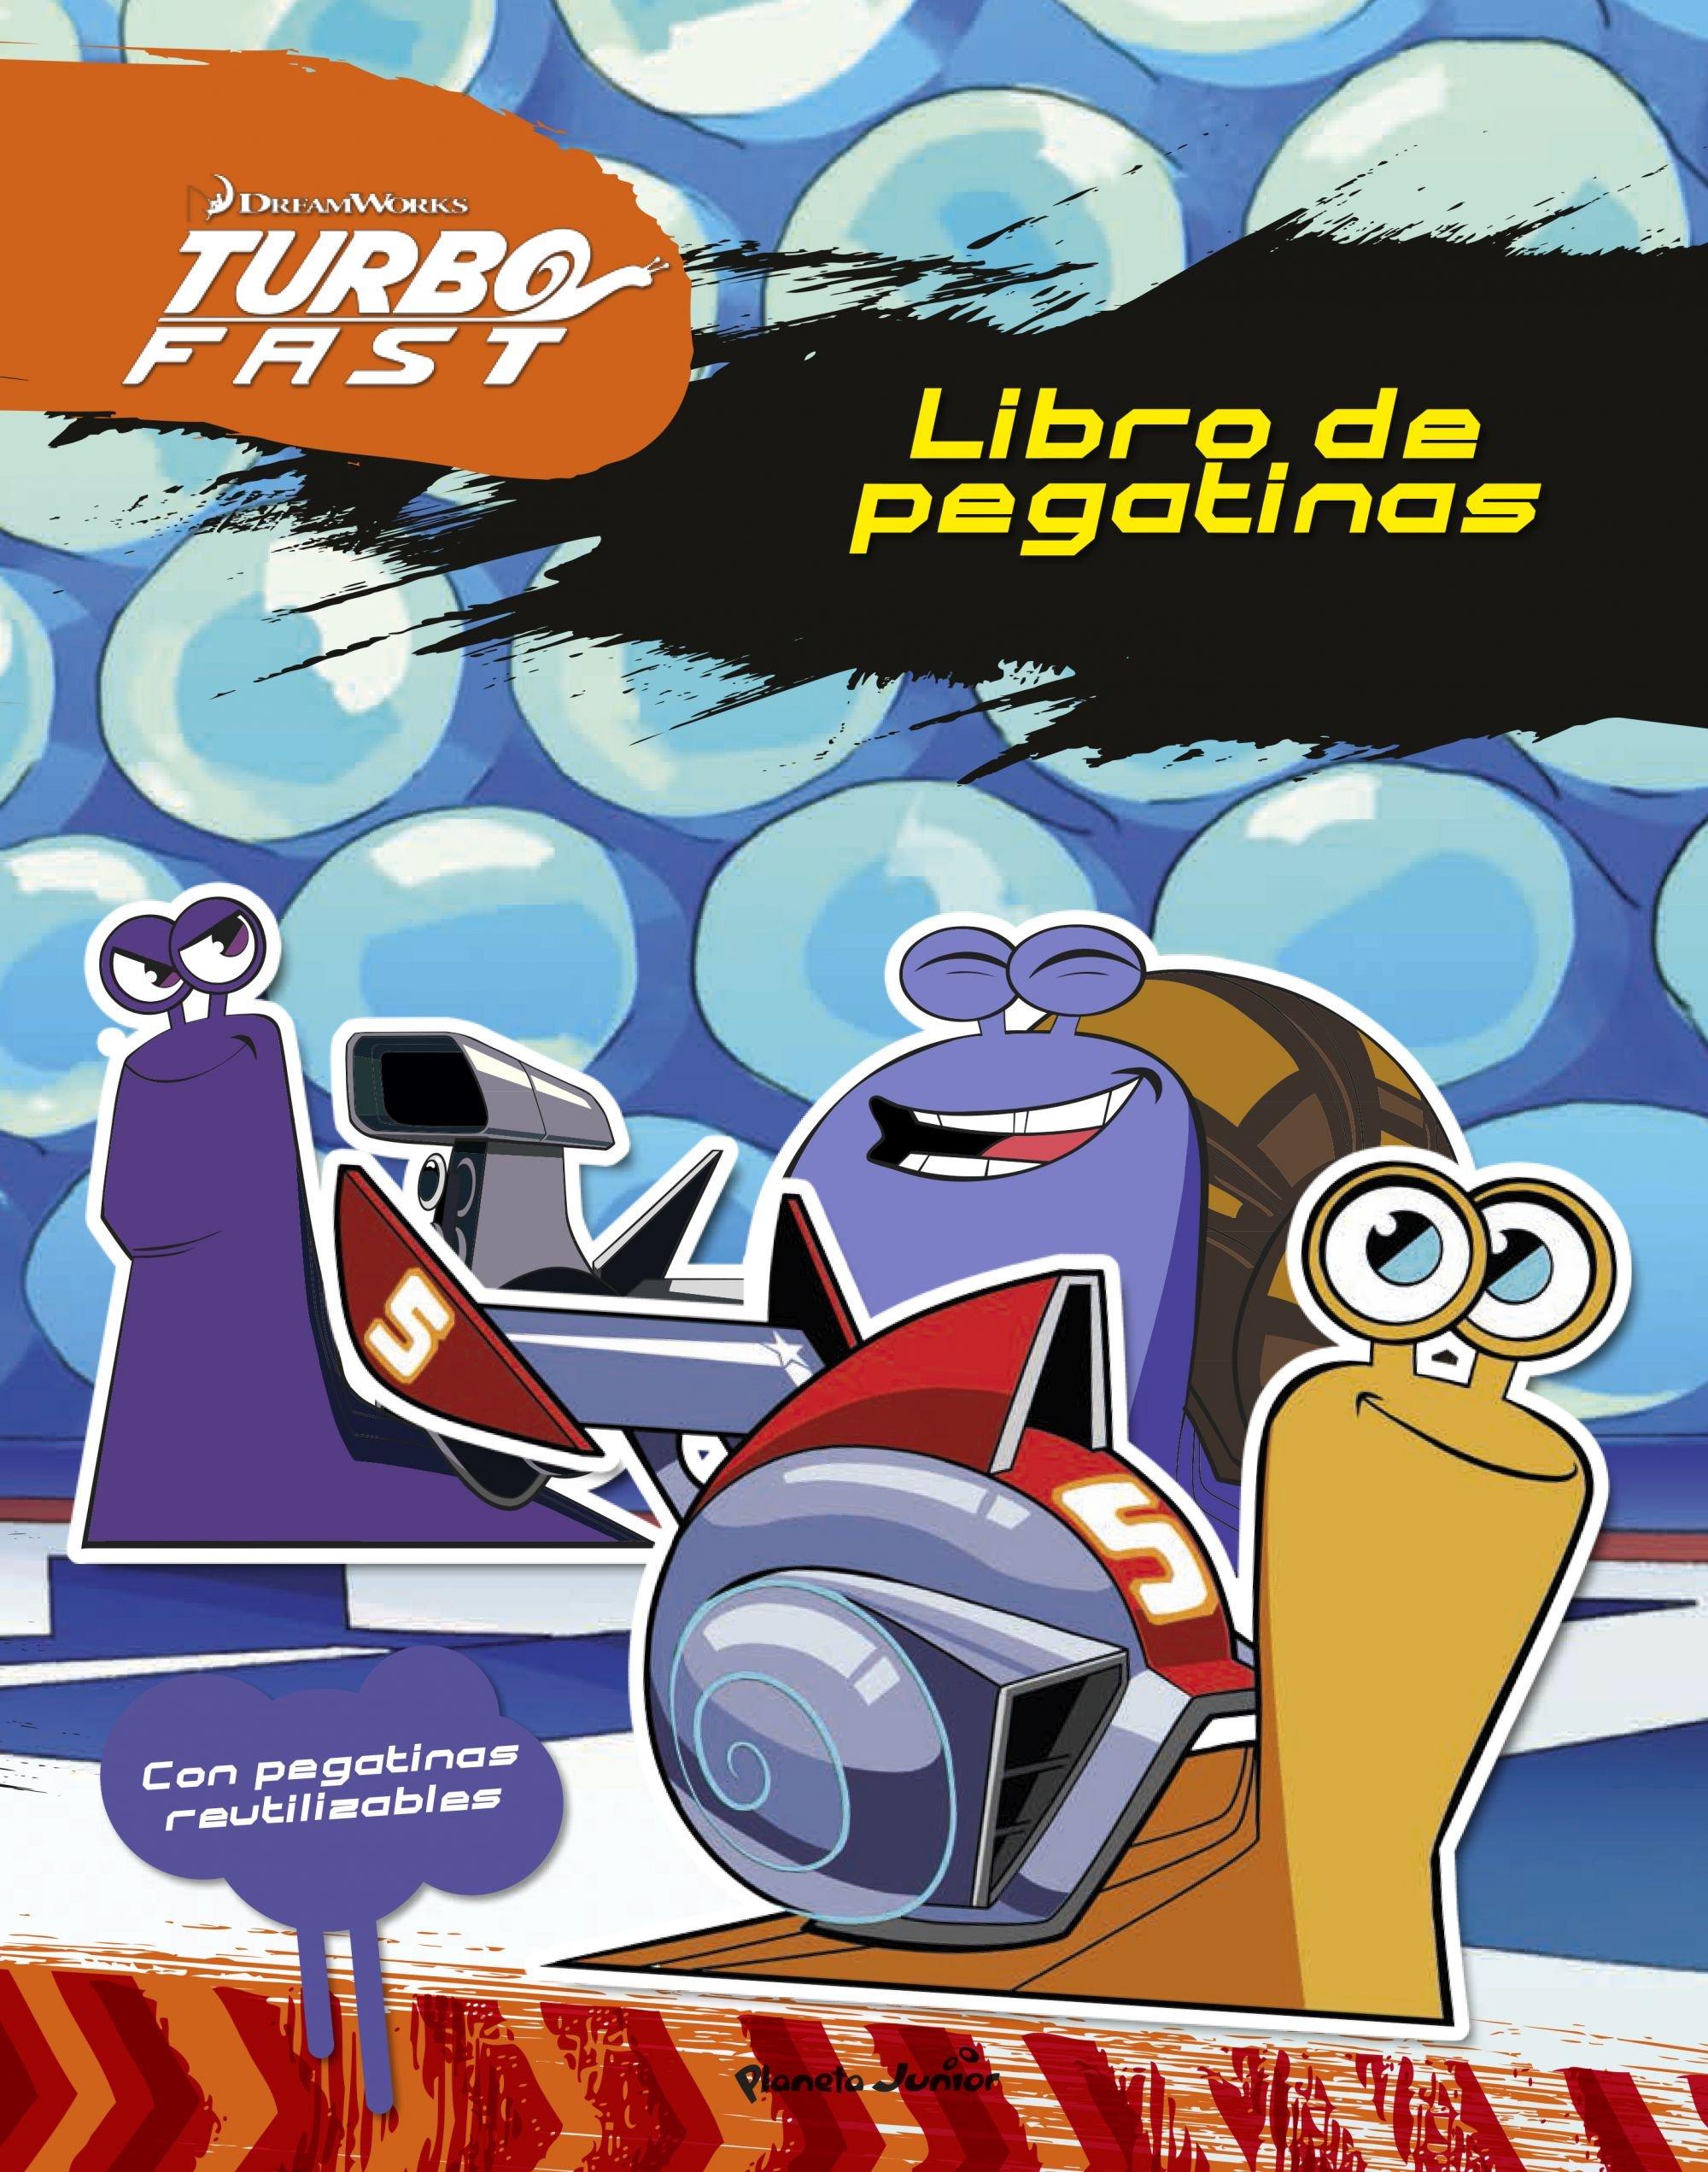 Turbo Fast. Libro de pegatinas: Con pegatinas reutilizables: Amazon.es: Dreamworks: Libros